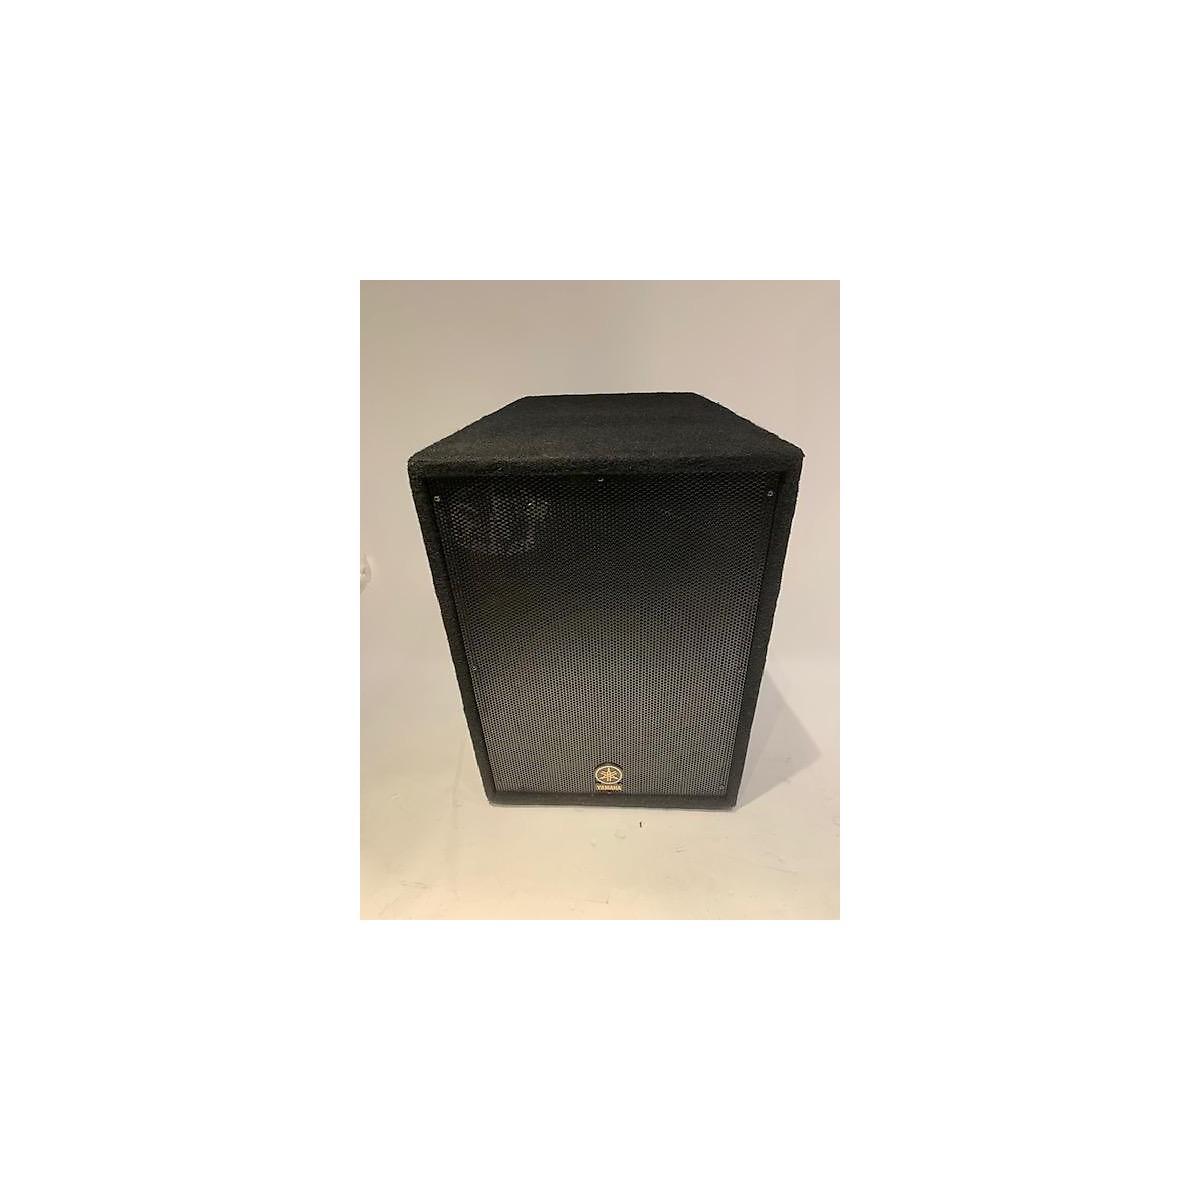 Yamaha A15 Unpowered Monitor